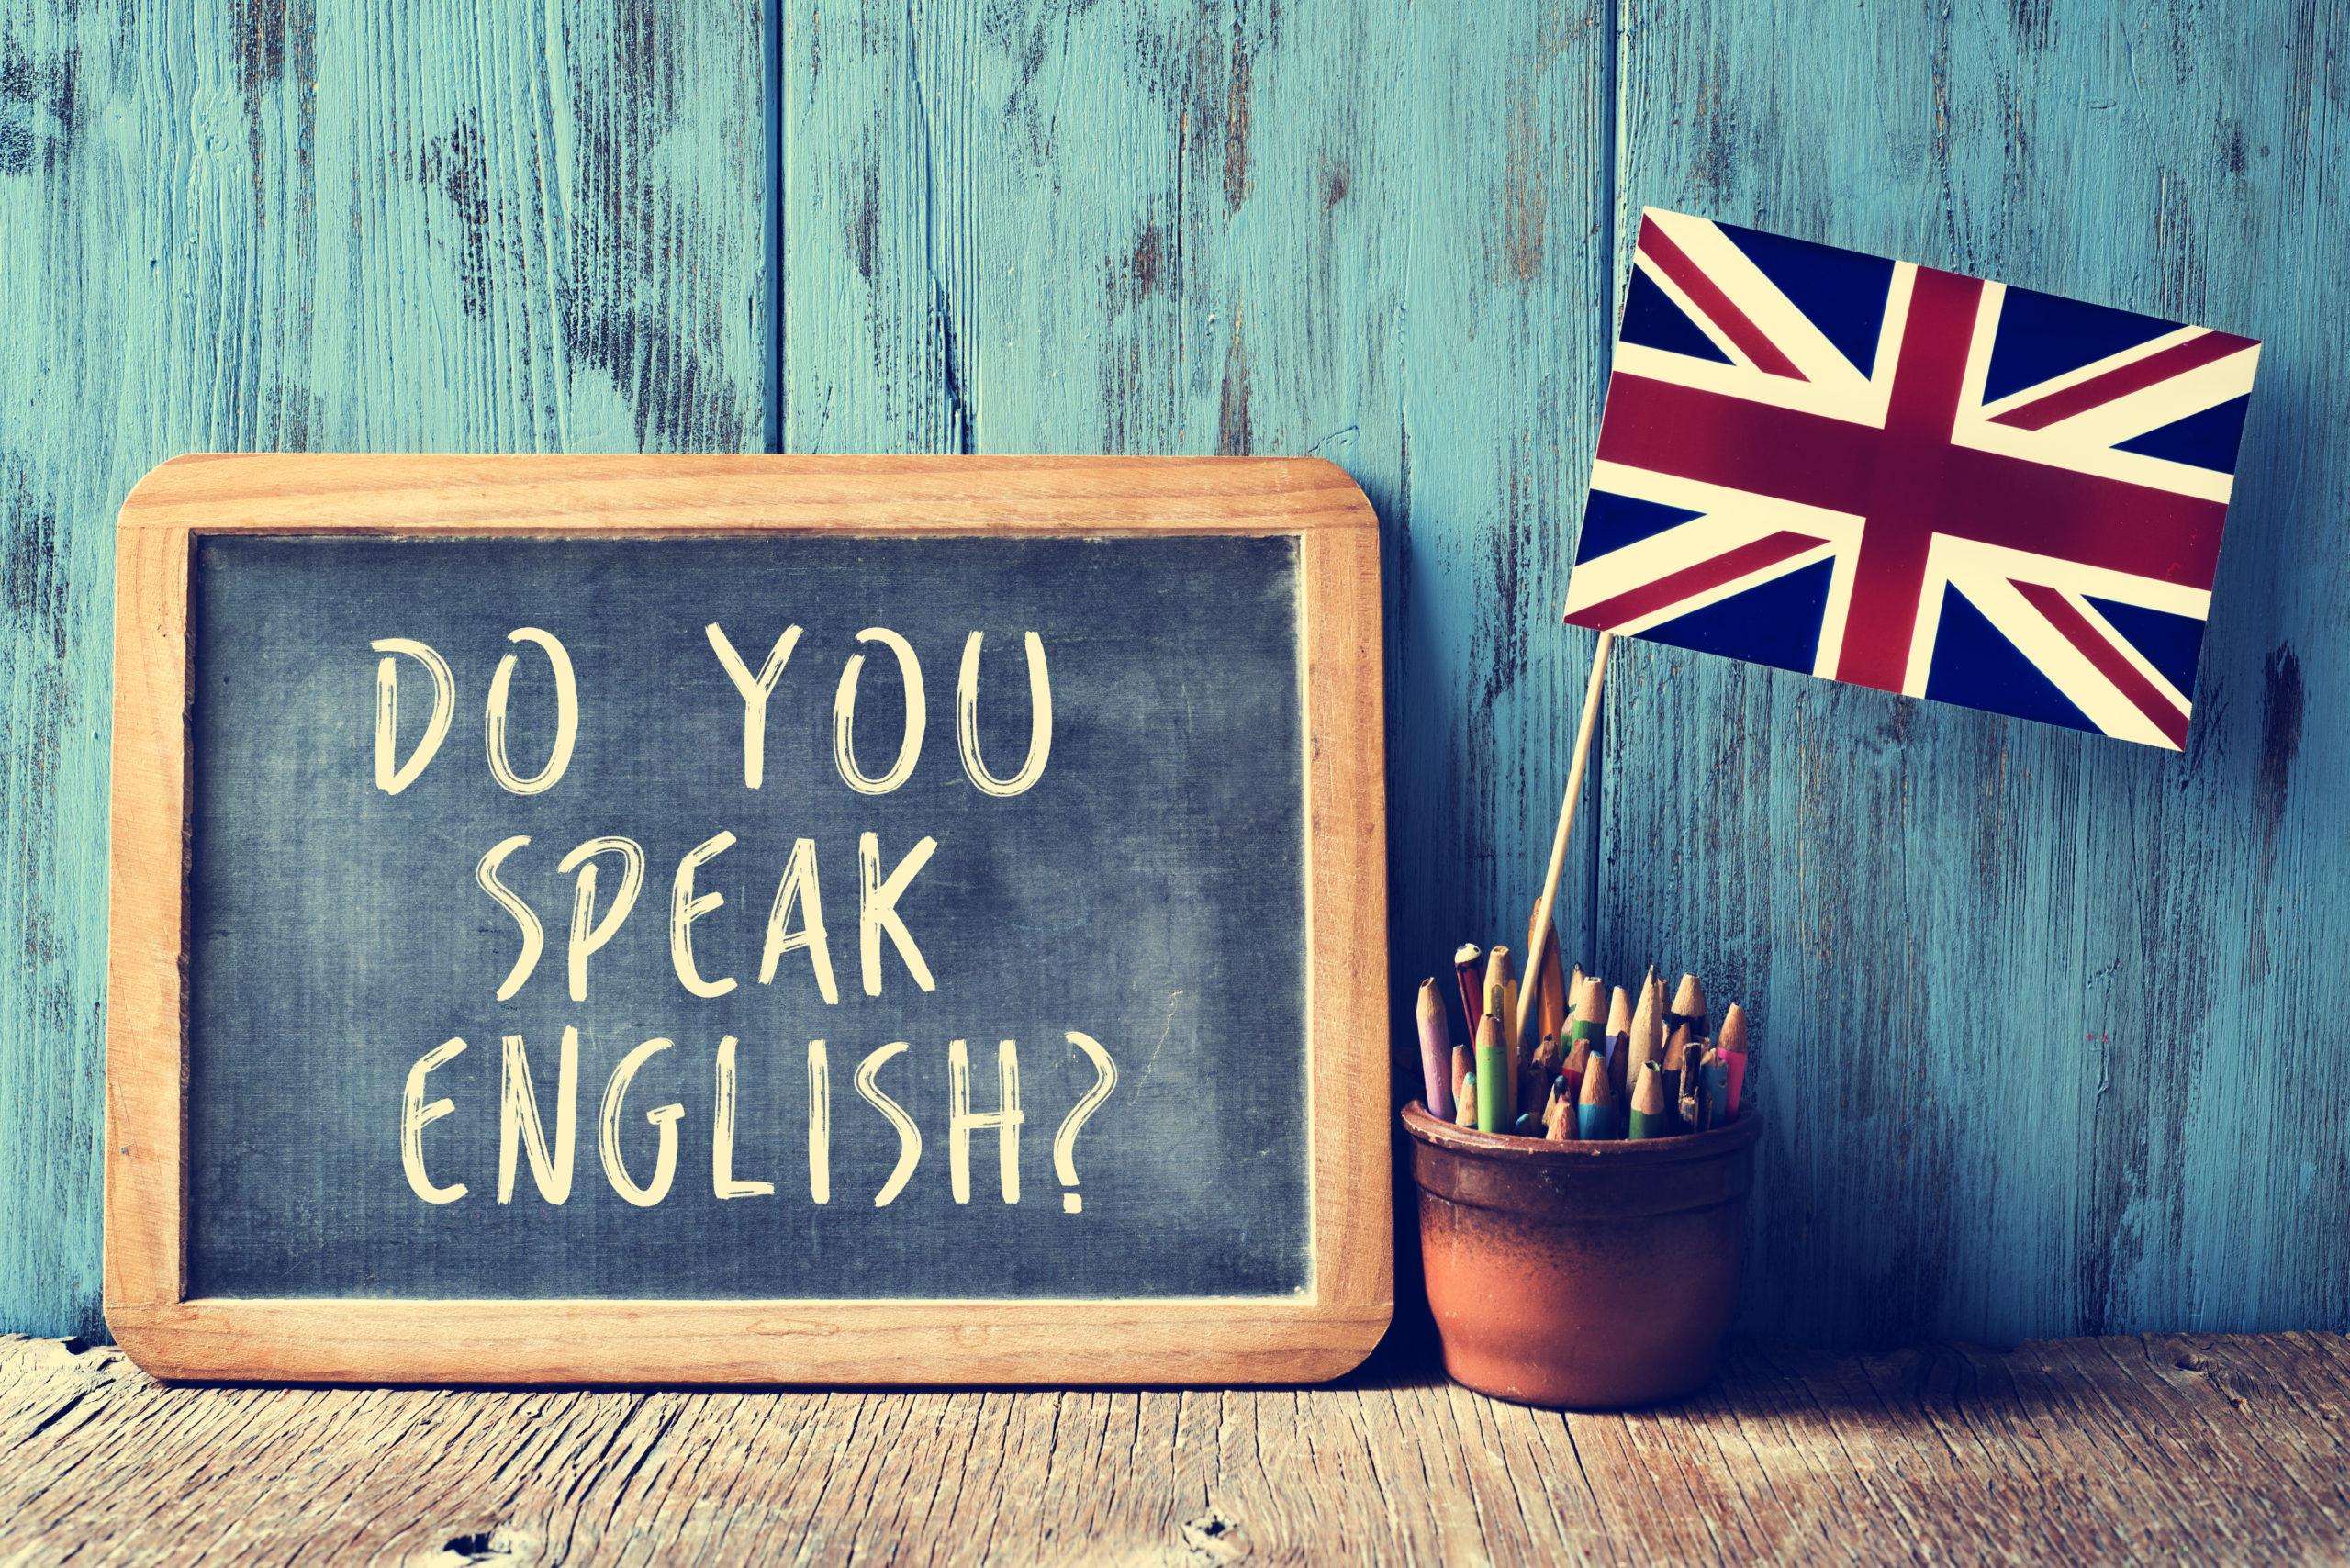 中級B1+ 英文法・英会話コース(ケンブリッジ)バイリンガル講師